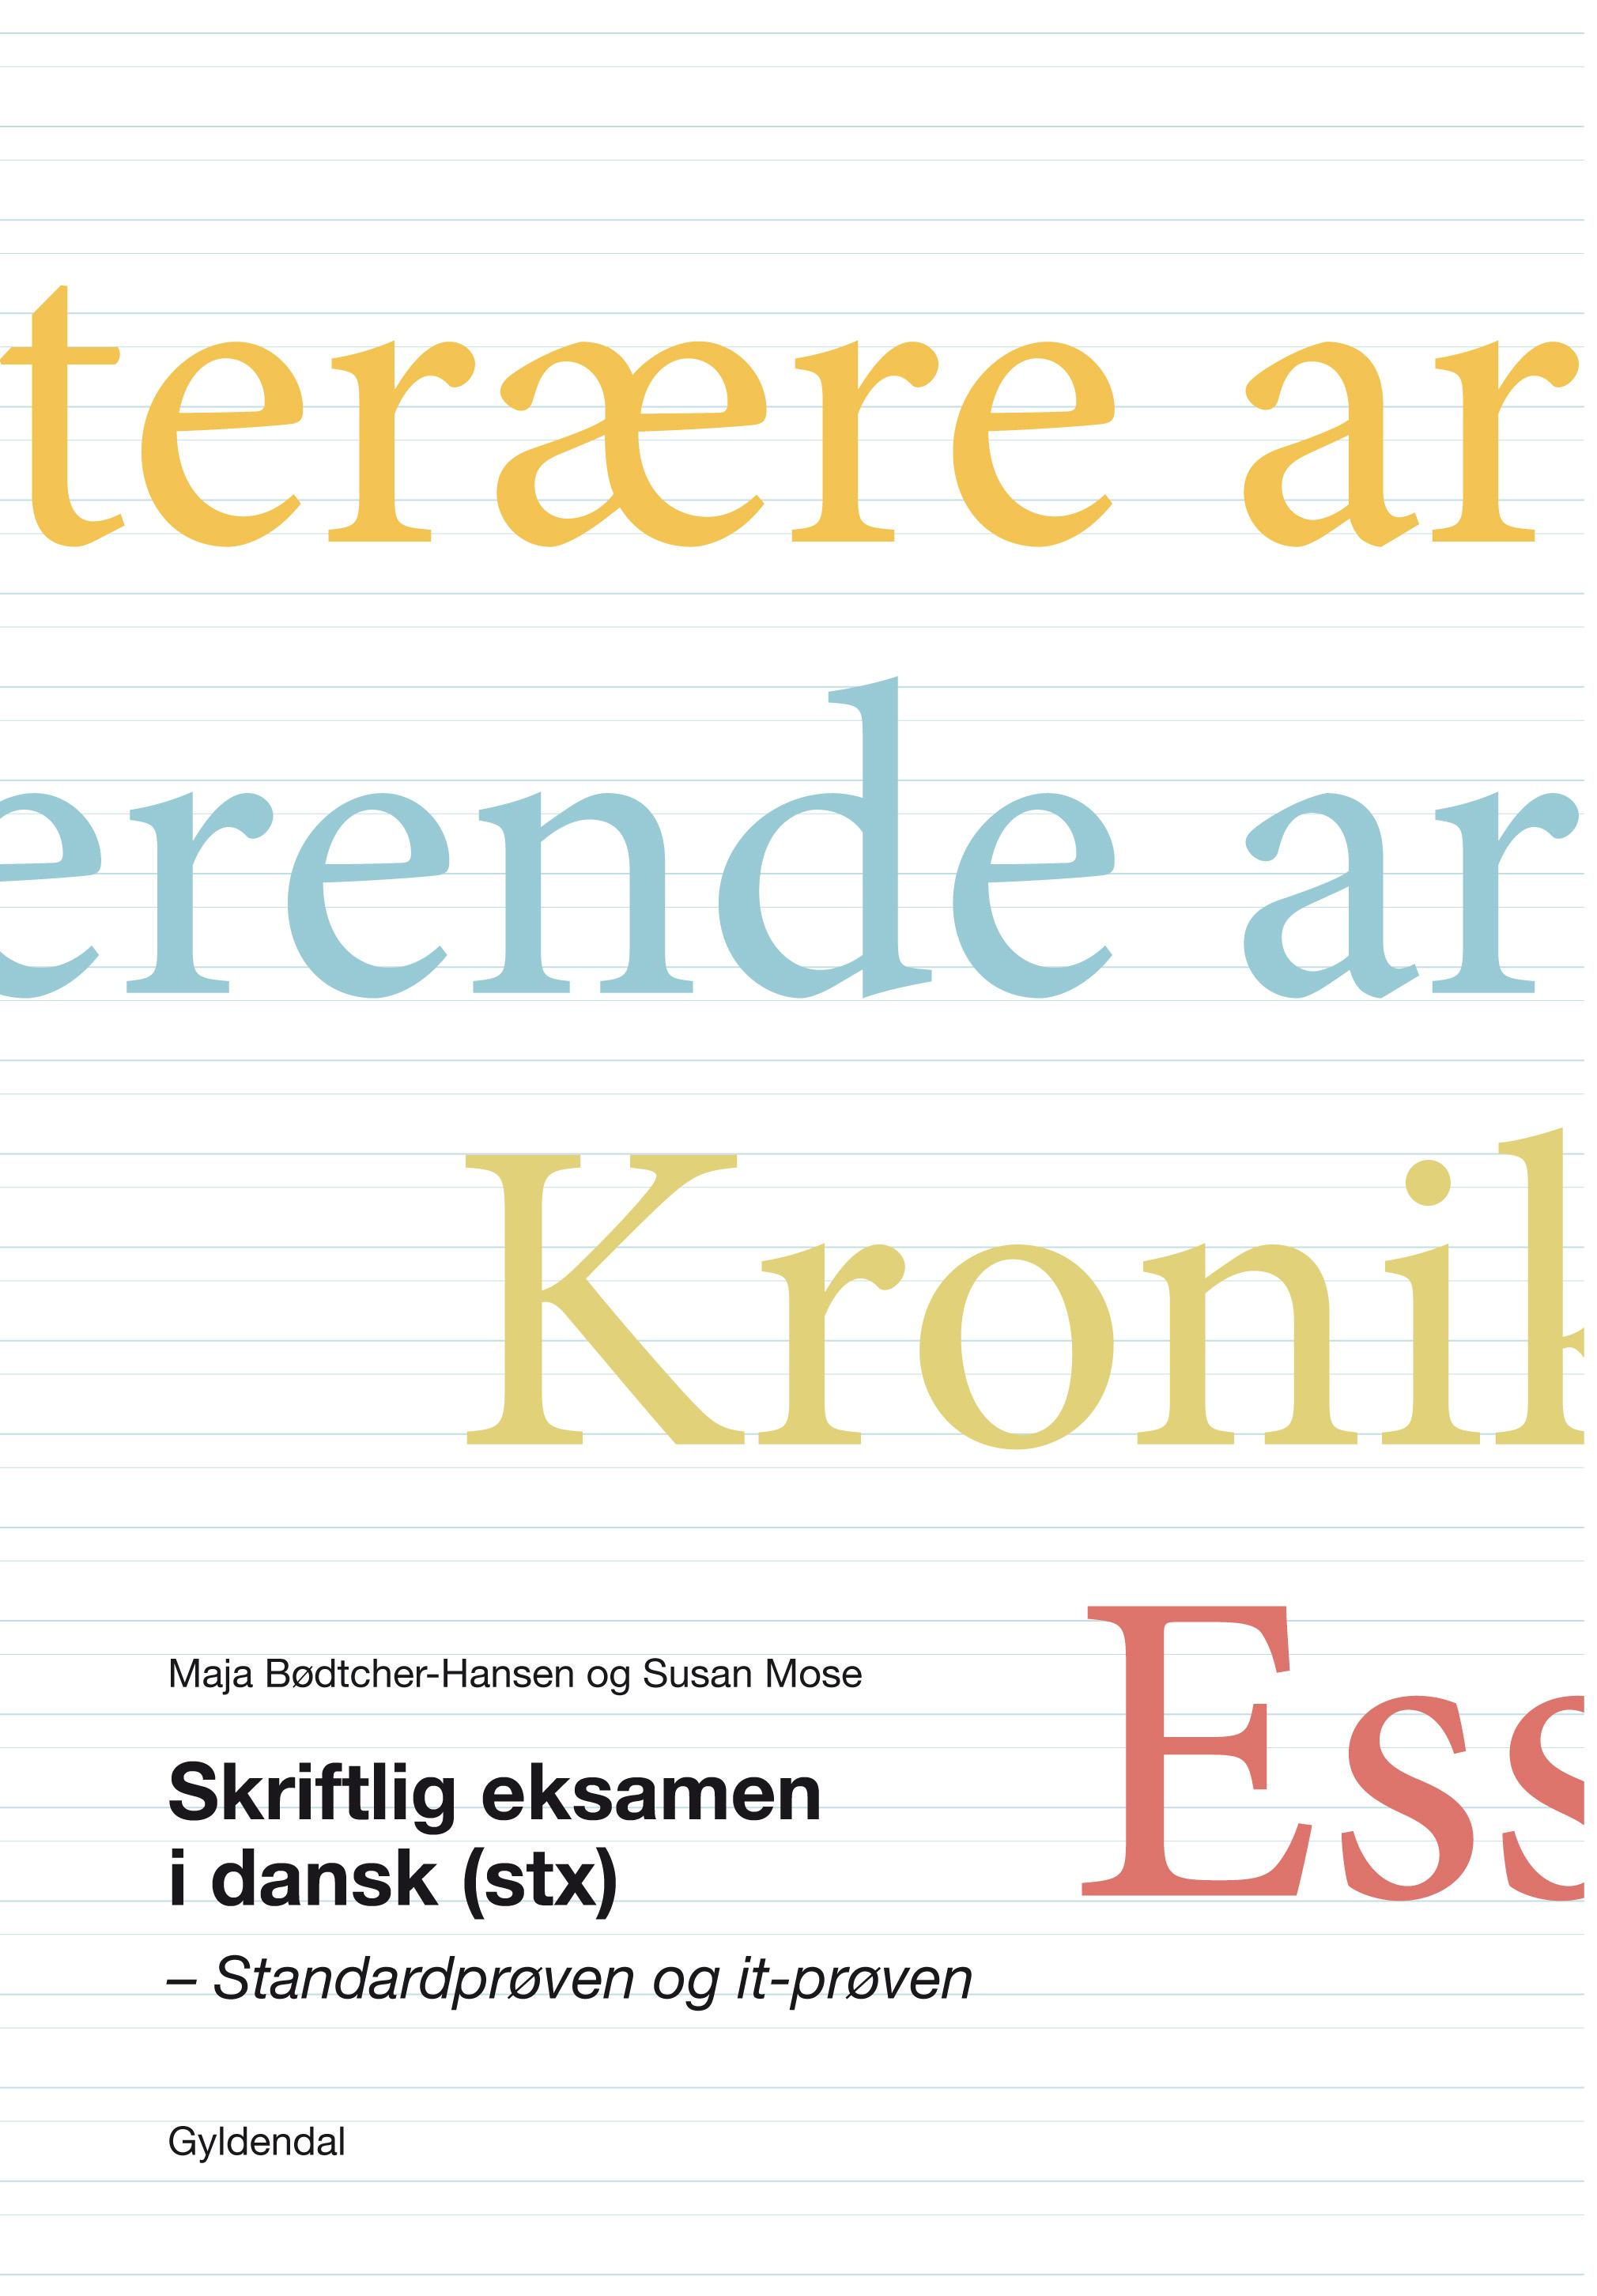 skriftlig eksamen dansk a